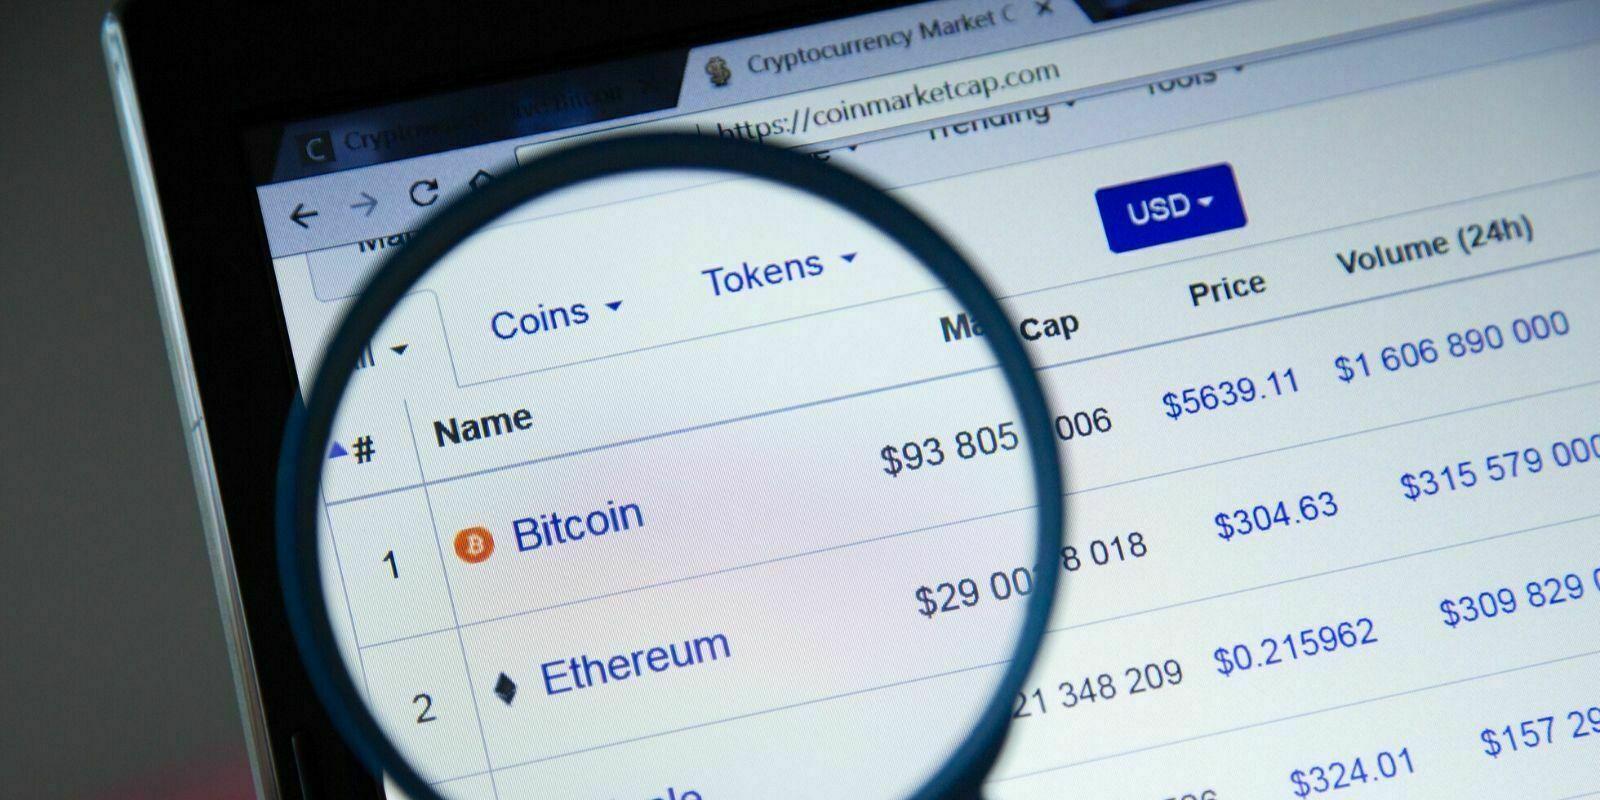 devrais-je investir dans la crypto-monnaie 2020